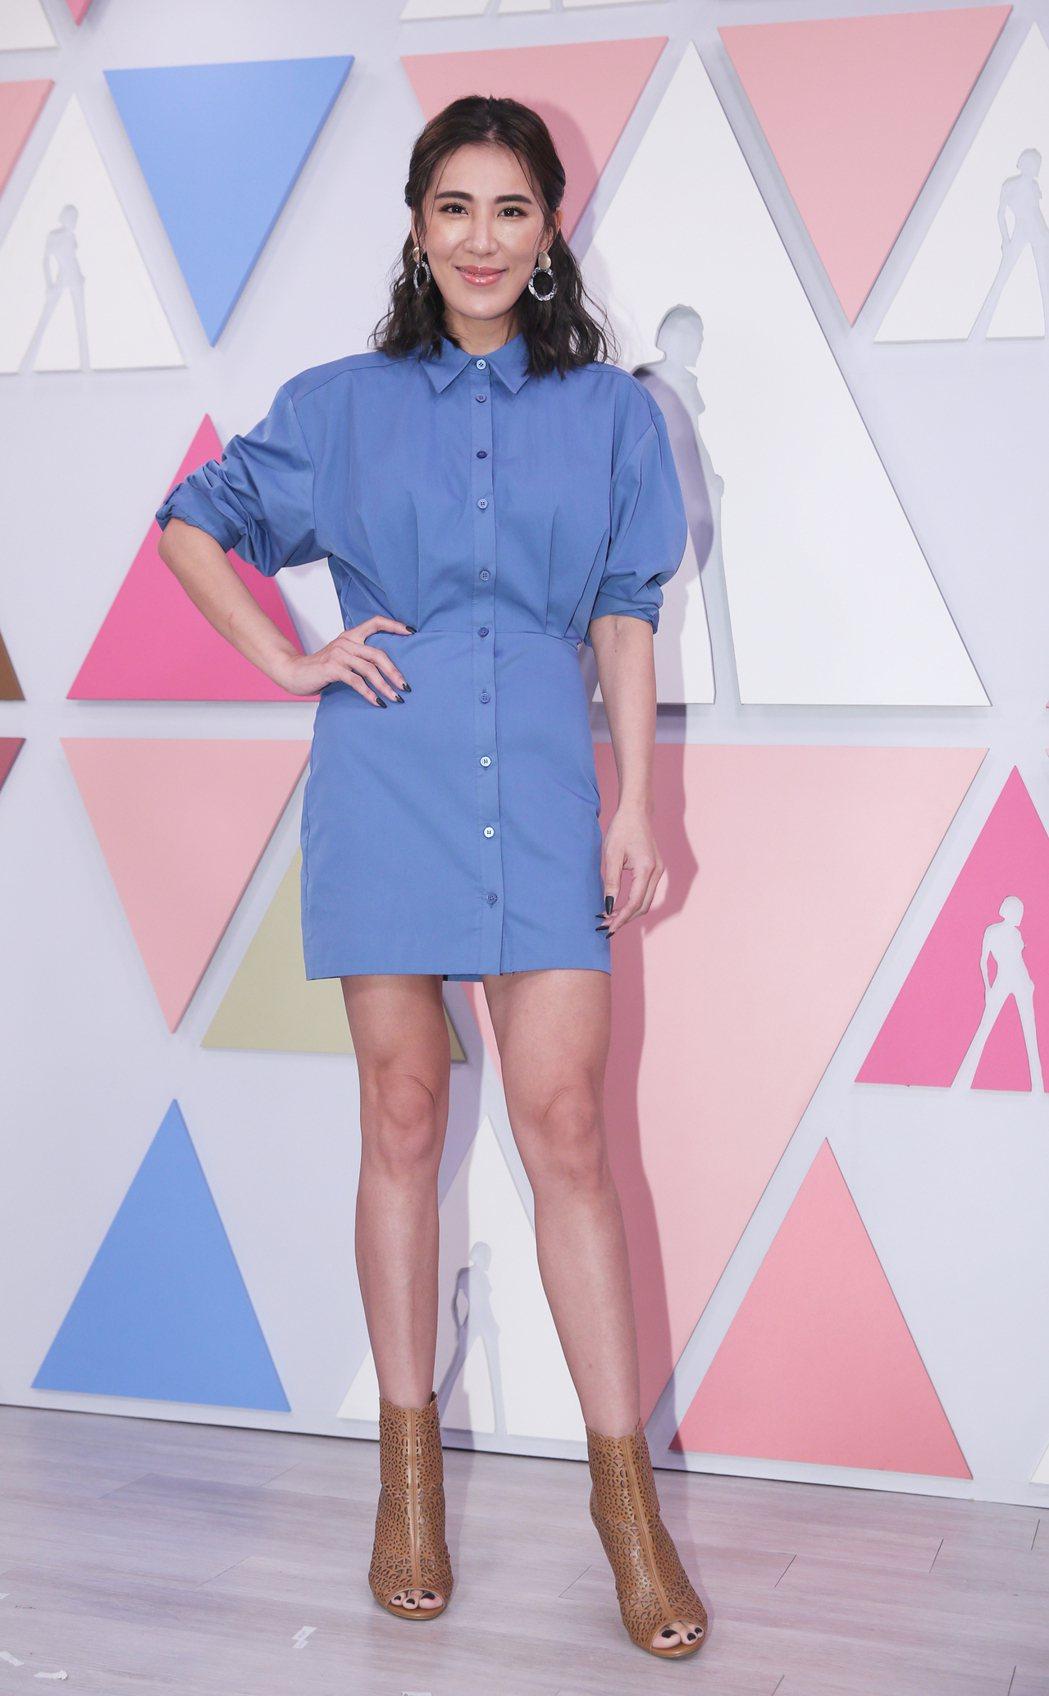 小禎主持愛爾達新節目「姊妹讚起來」。記者陳正興/攝影